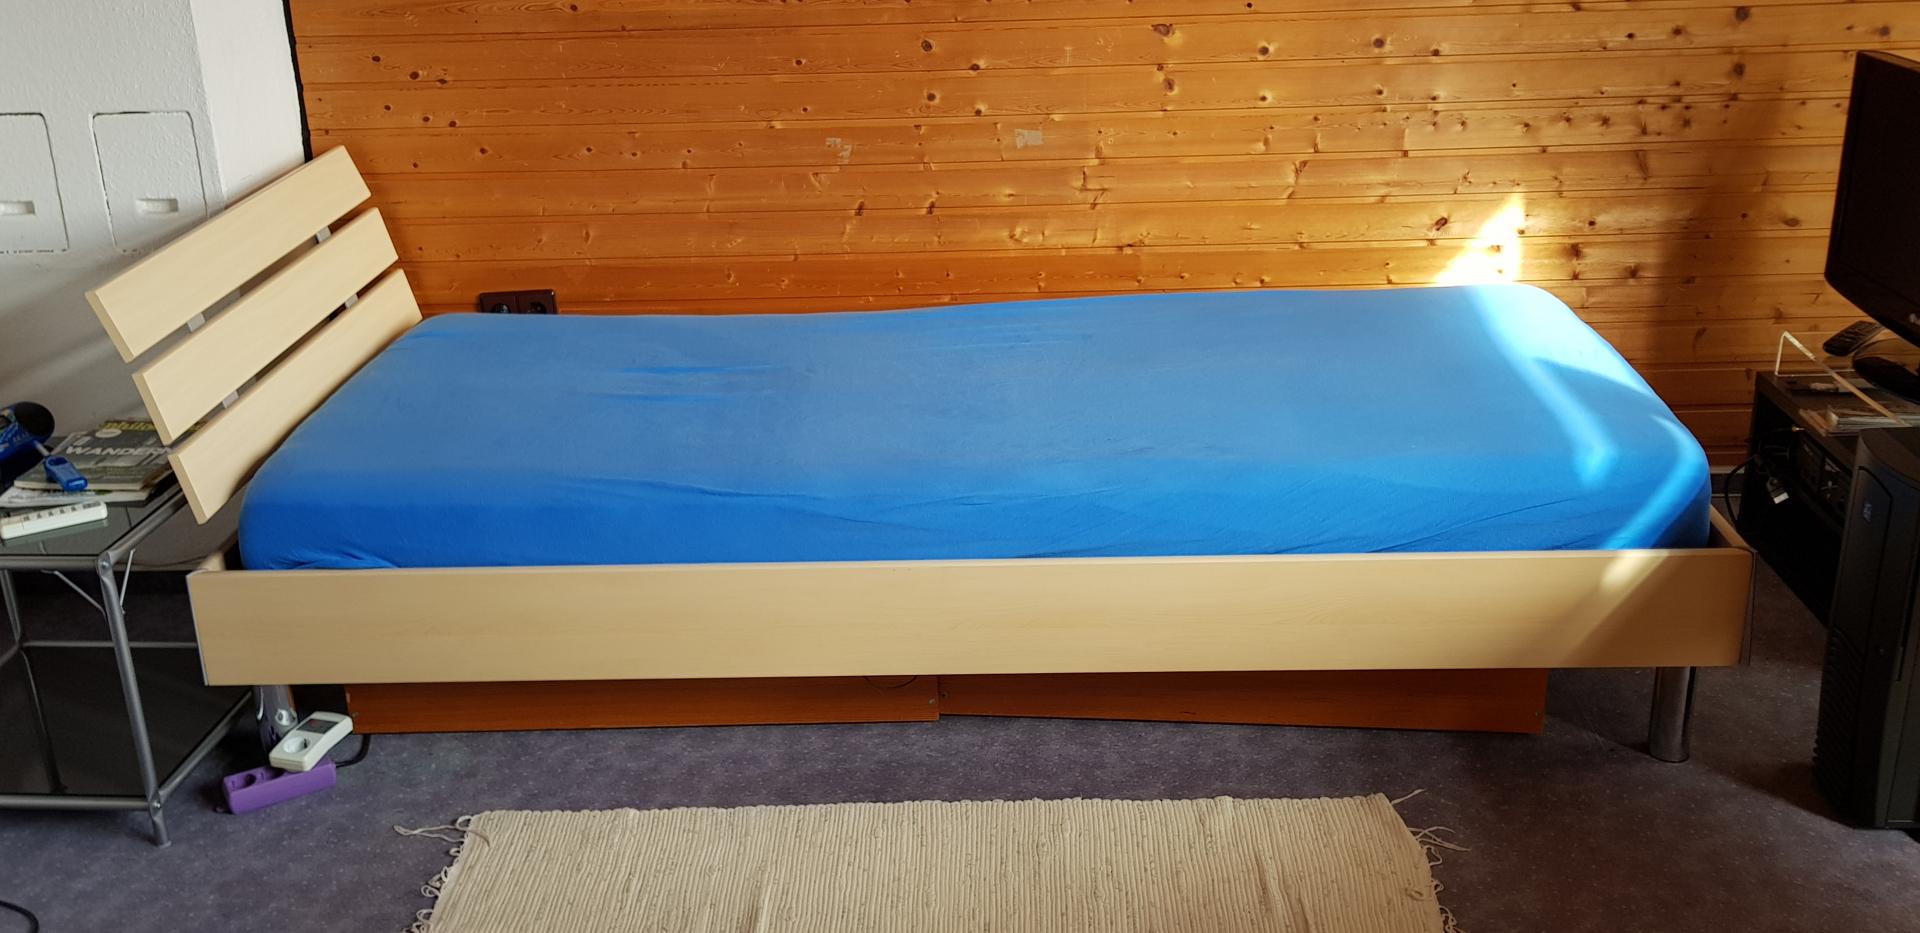 Full Size of Bett Lattenrost Einstellen Mit Und Matratze 90x200 140x200 Elektrisch Verstellbaren Ikea Malm Quietscht Verstellbarem Gebraucht Flexa Knarrt Inkl Komplett Bett Bett Lattenrost